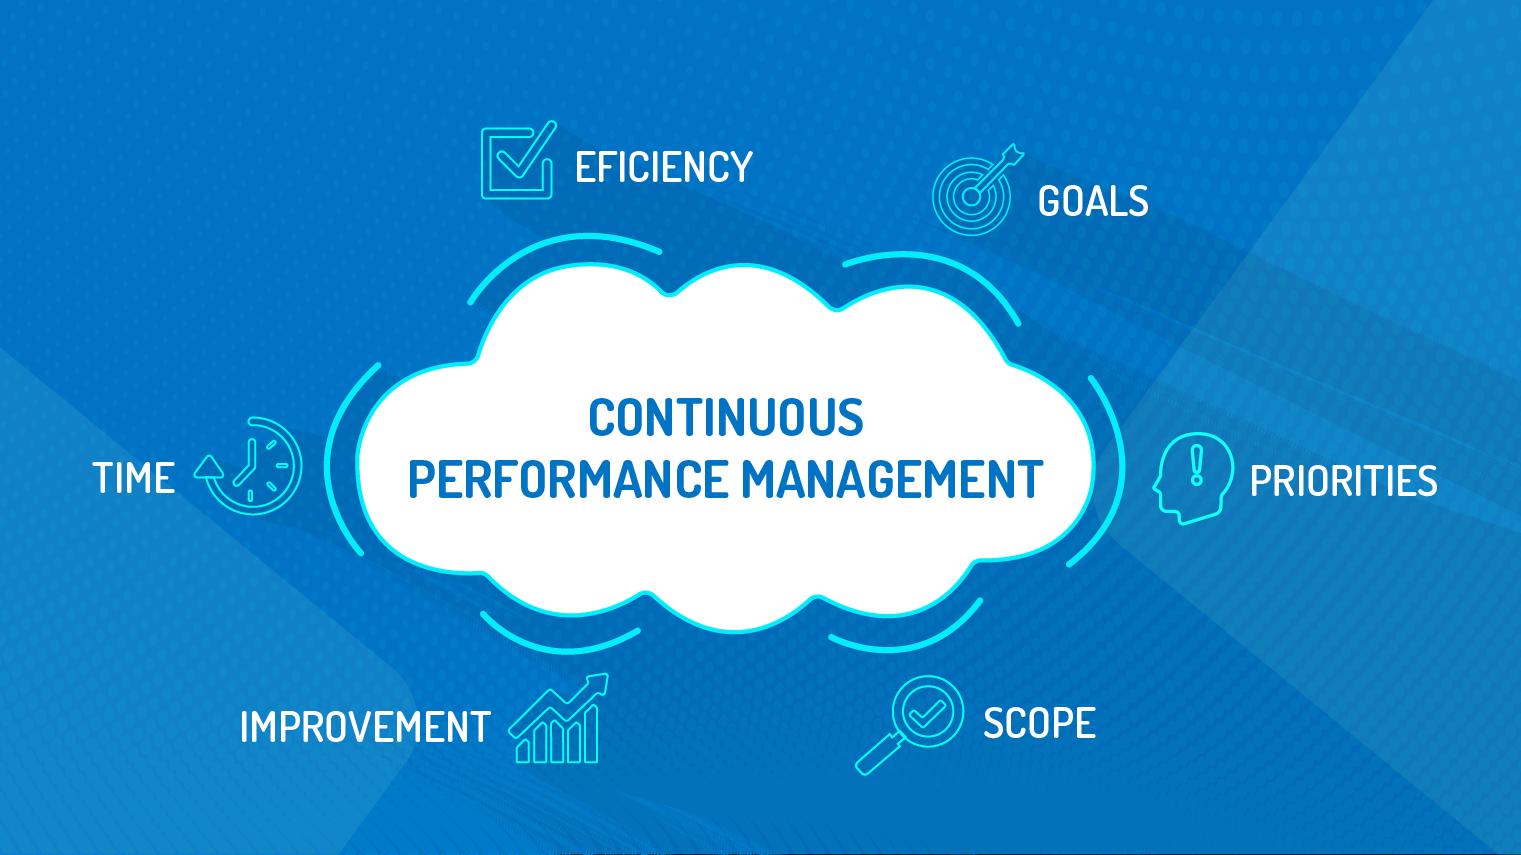 continuous-performance-management